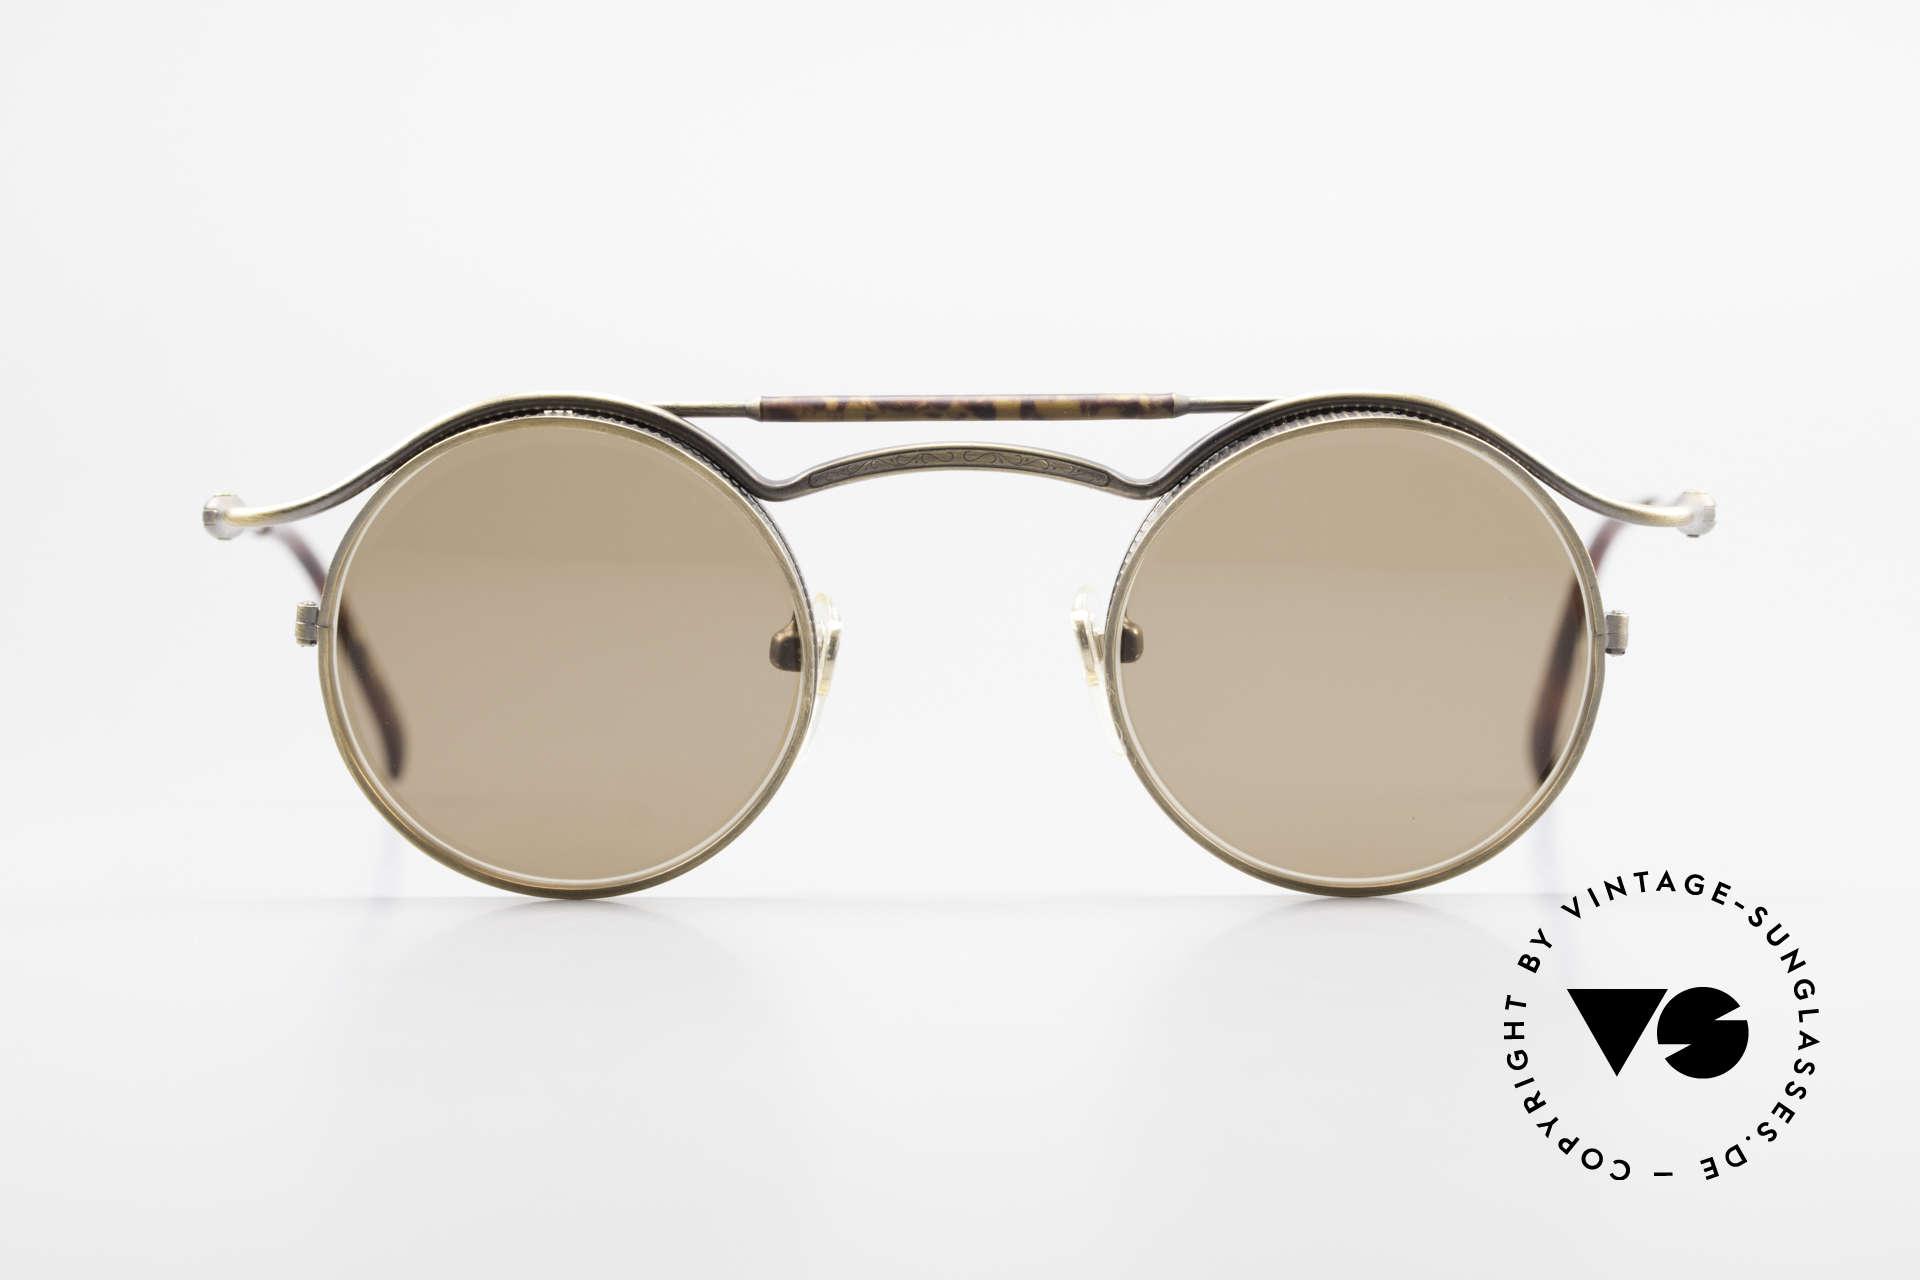 Matsuda 2903 90er Steampunk Sonnenbrille, 'Steampunk-Sonnenbrille' der jap. 'Design-Manufaktur', Passend für Herren und Damen